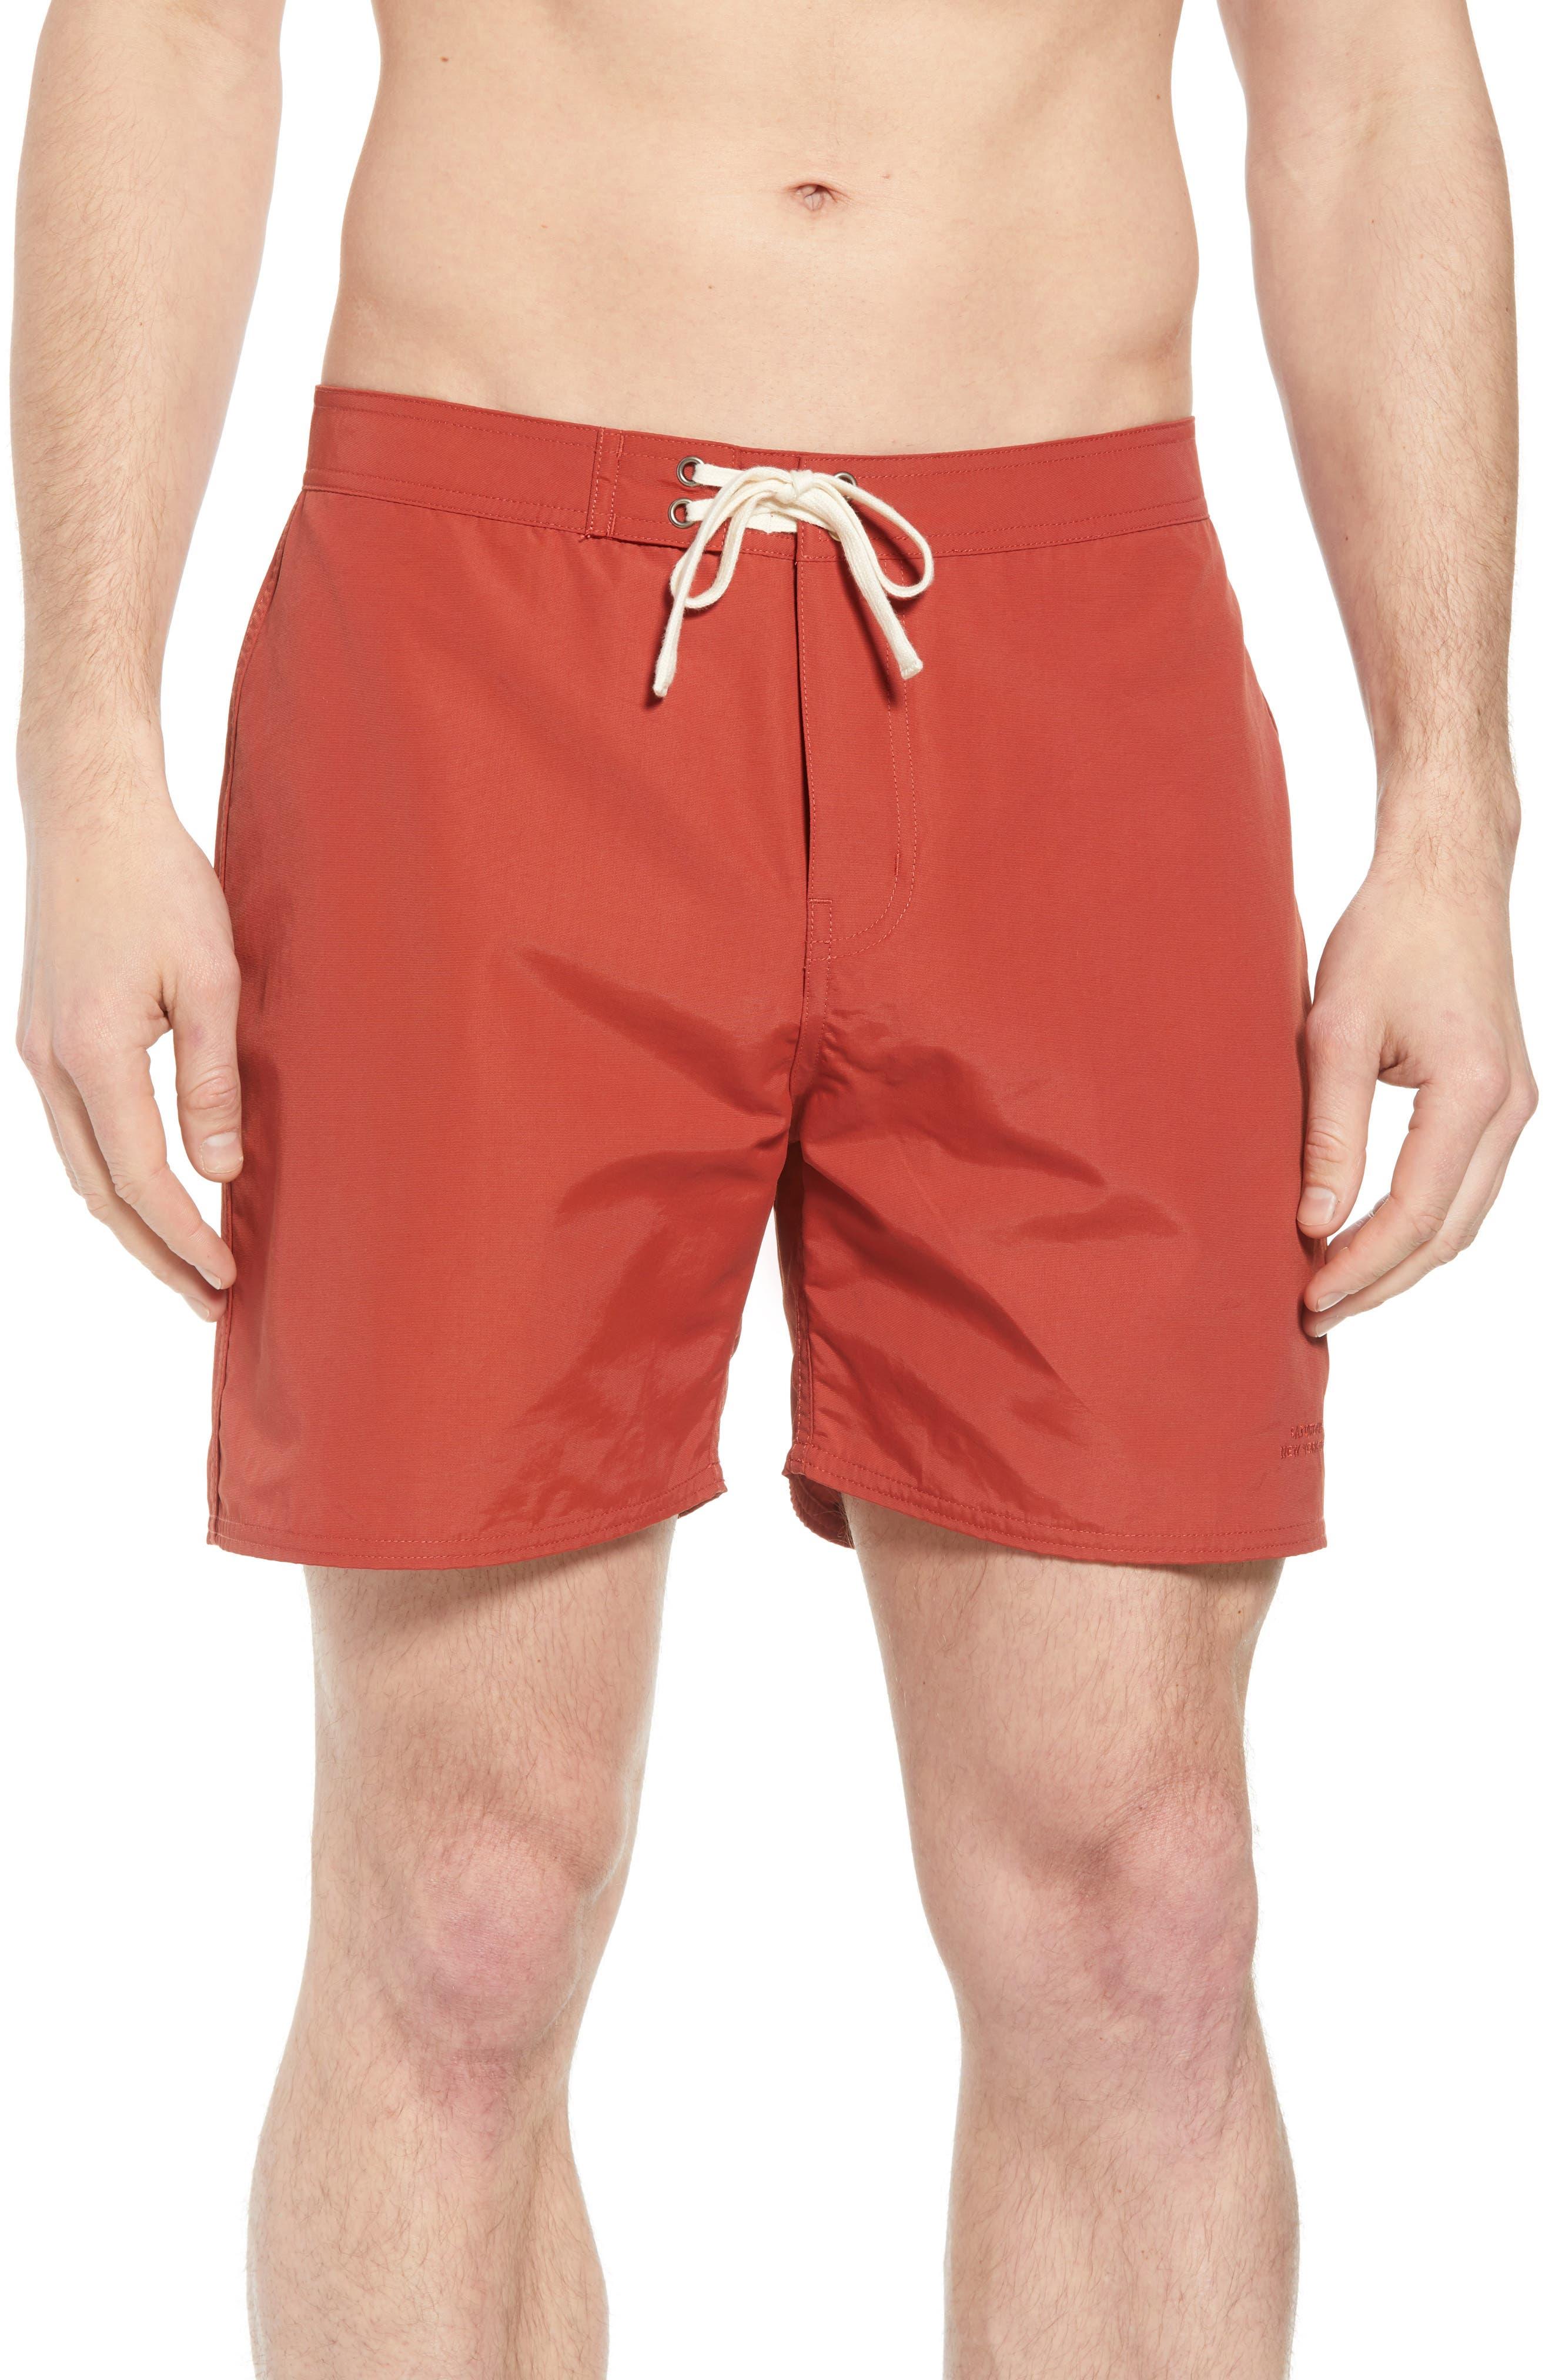 Colin Board Shorts,                             Main thumbnail 1, color,                             600